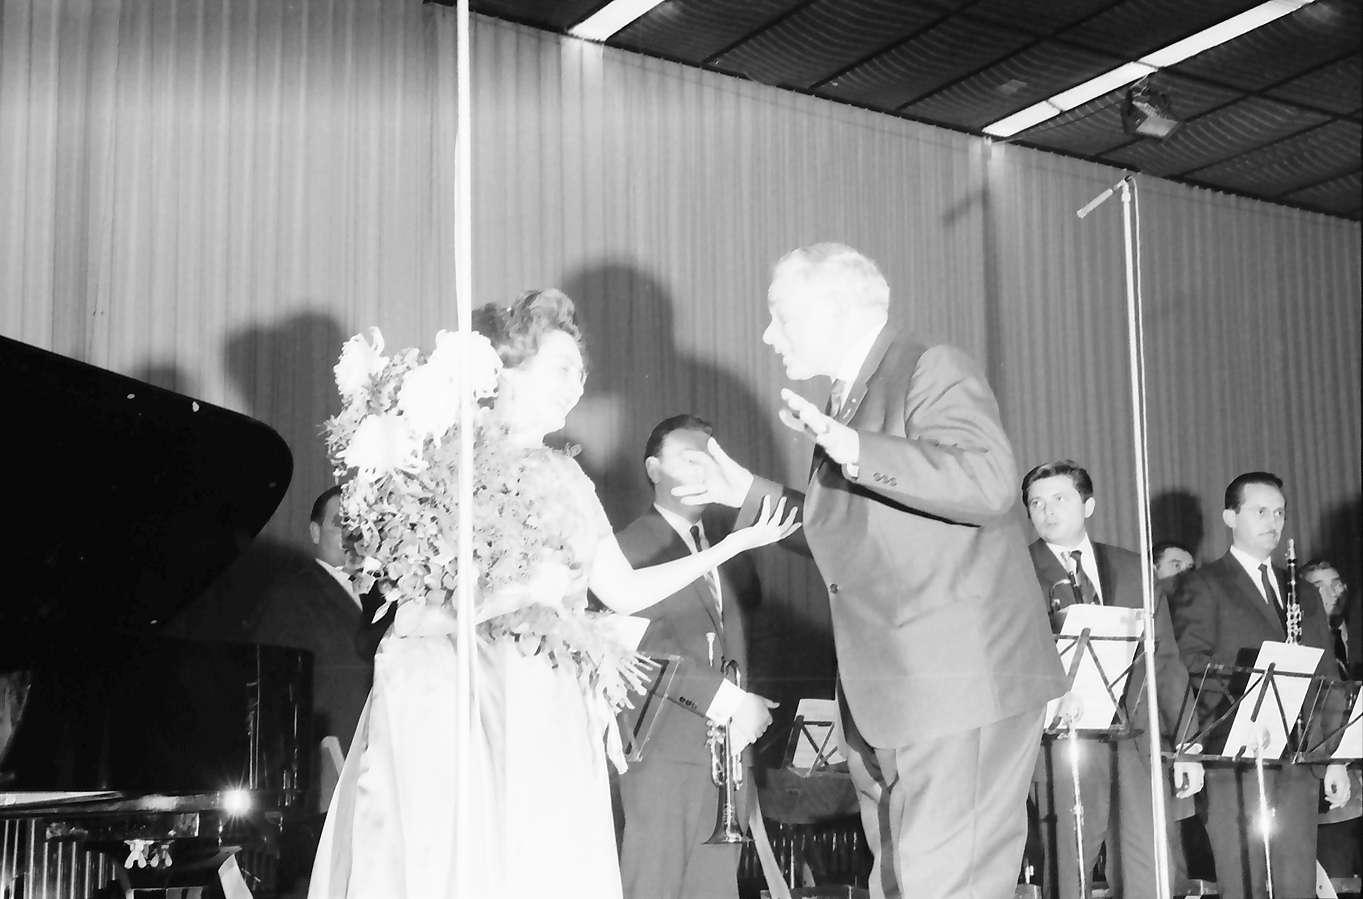 Donaueschingen: Donaueschinger Musiktage; Yvonne Loriod auf dem Podium mit Rieple, Bild 1